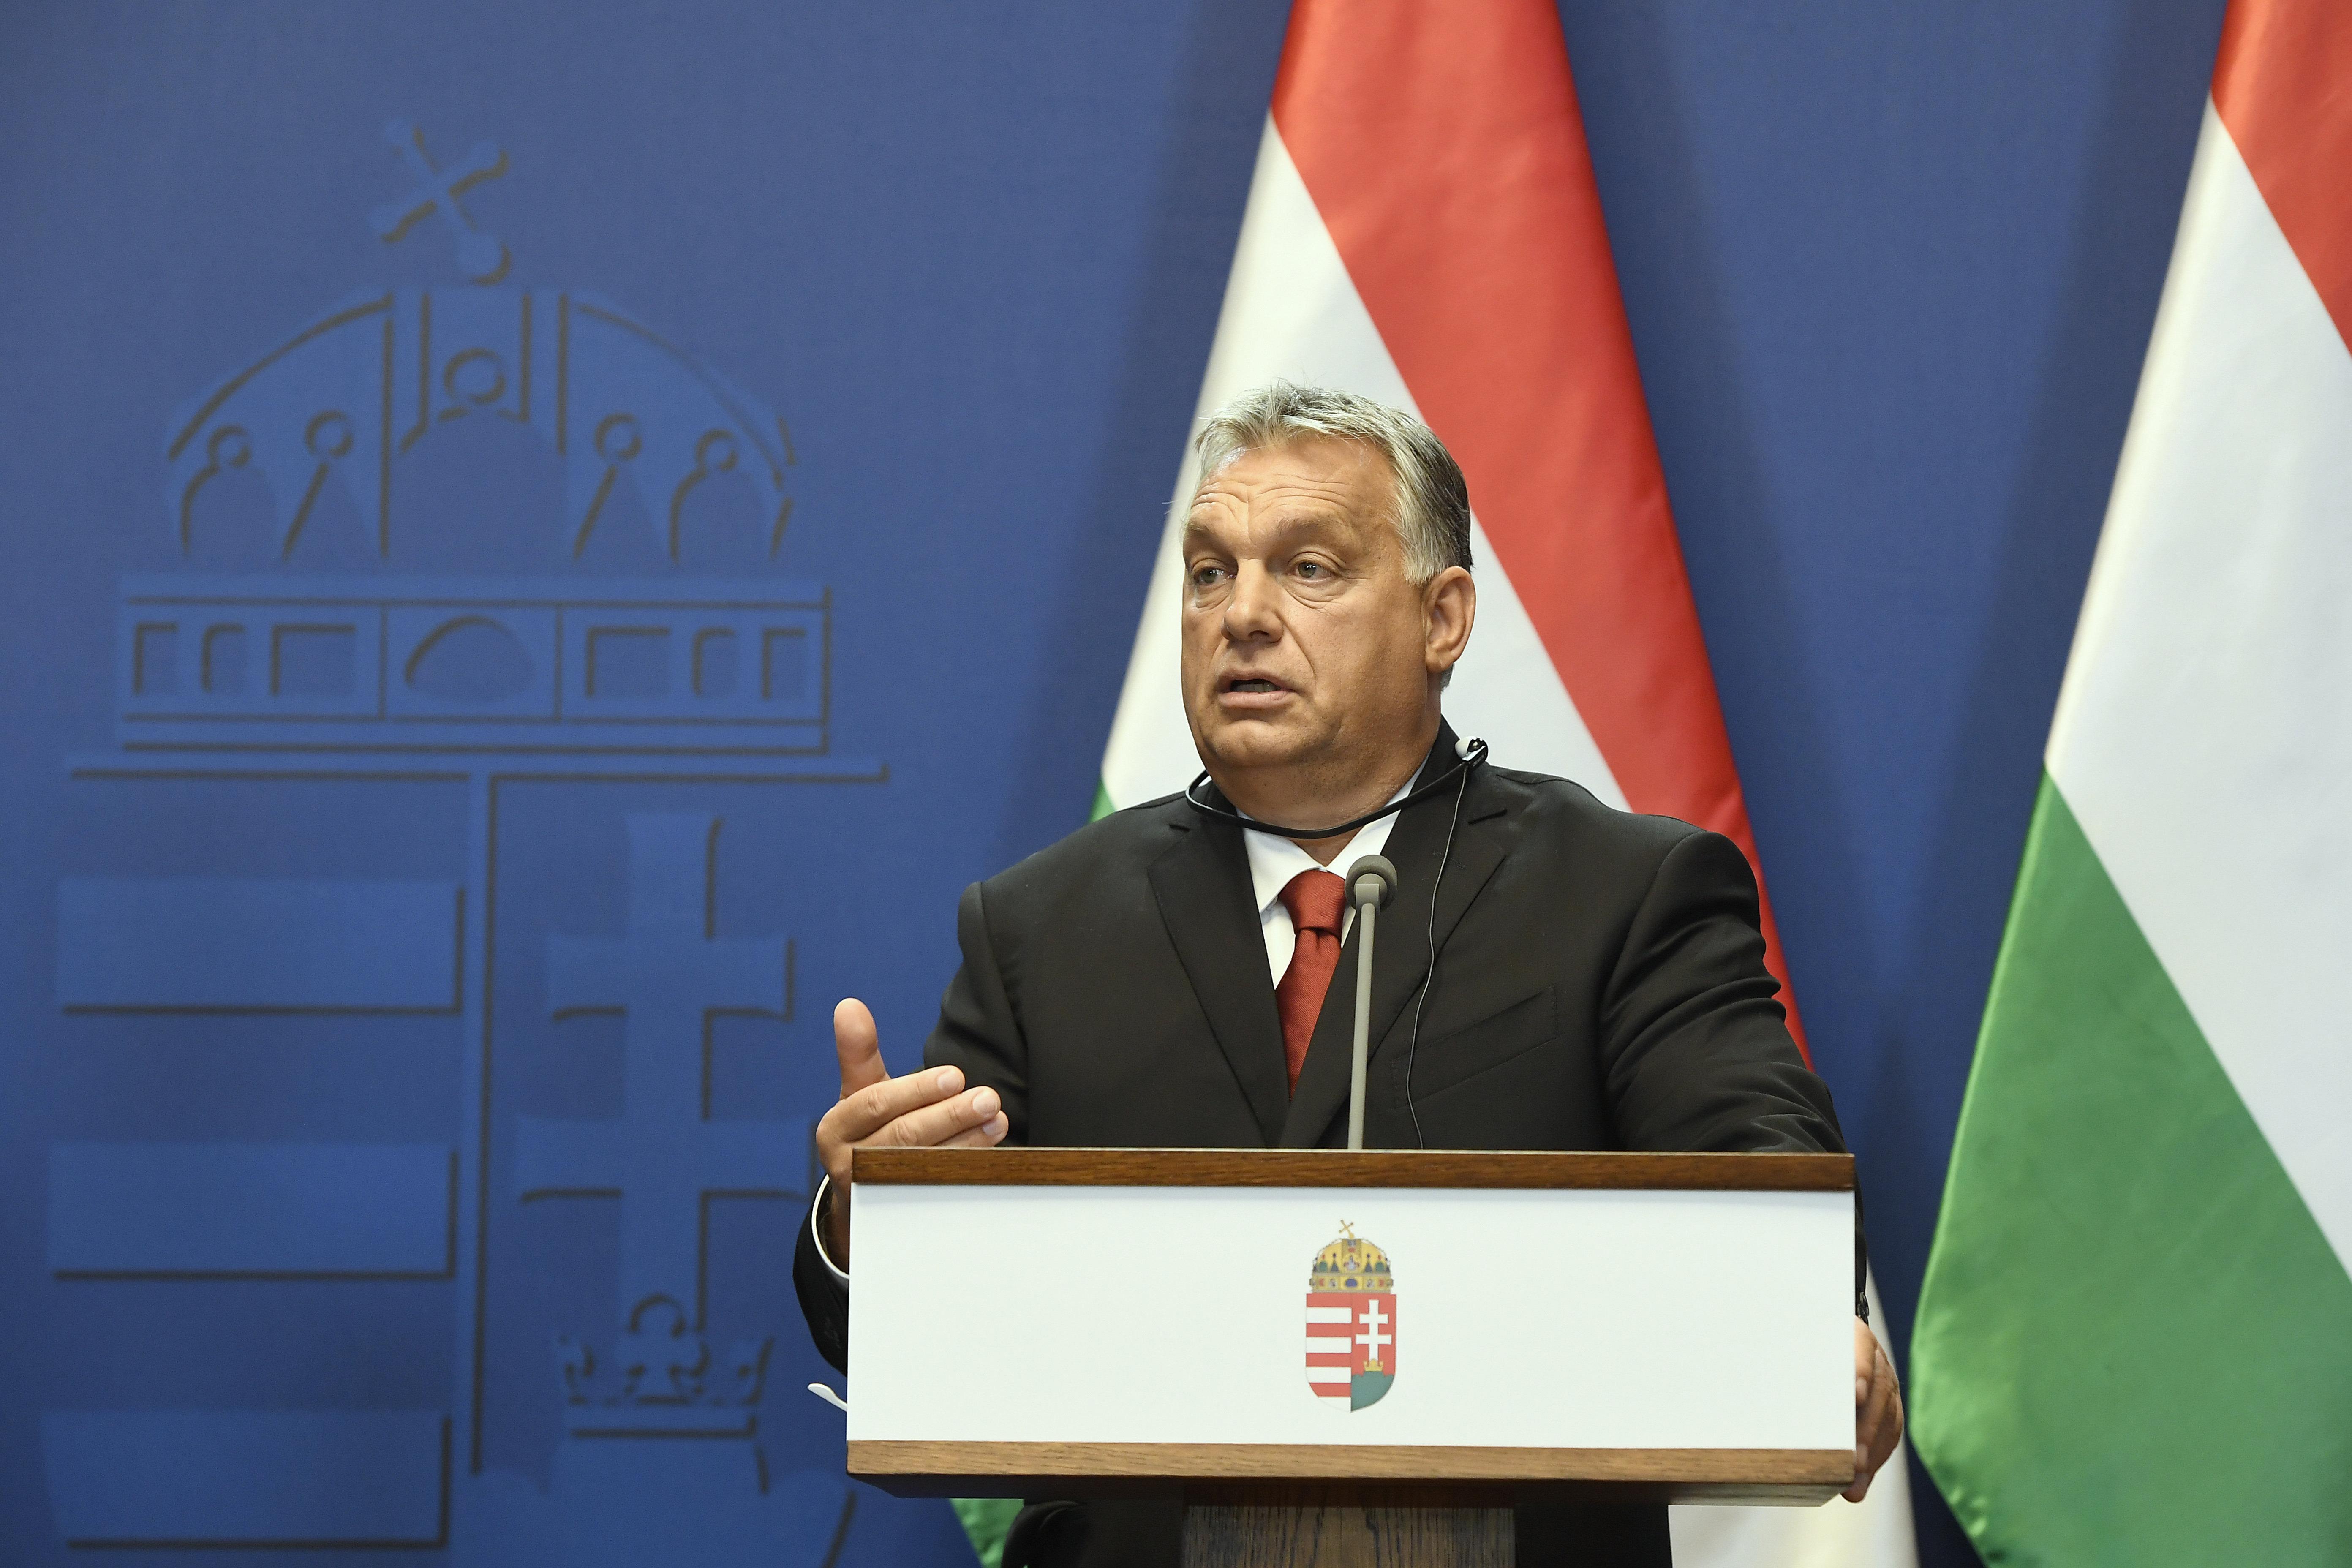 Orbán miért nevezte fake news-nak, hogy a veje EU-s támogatásokhoz jutott?